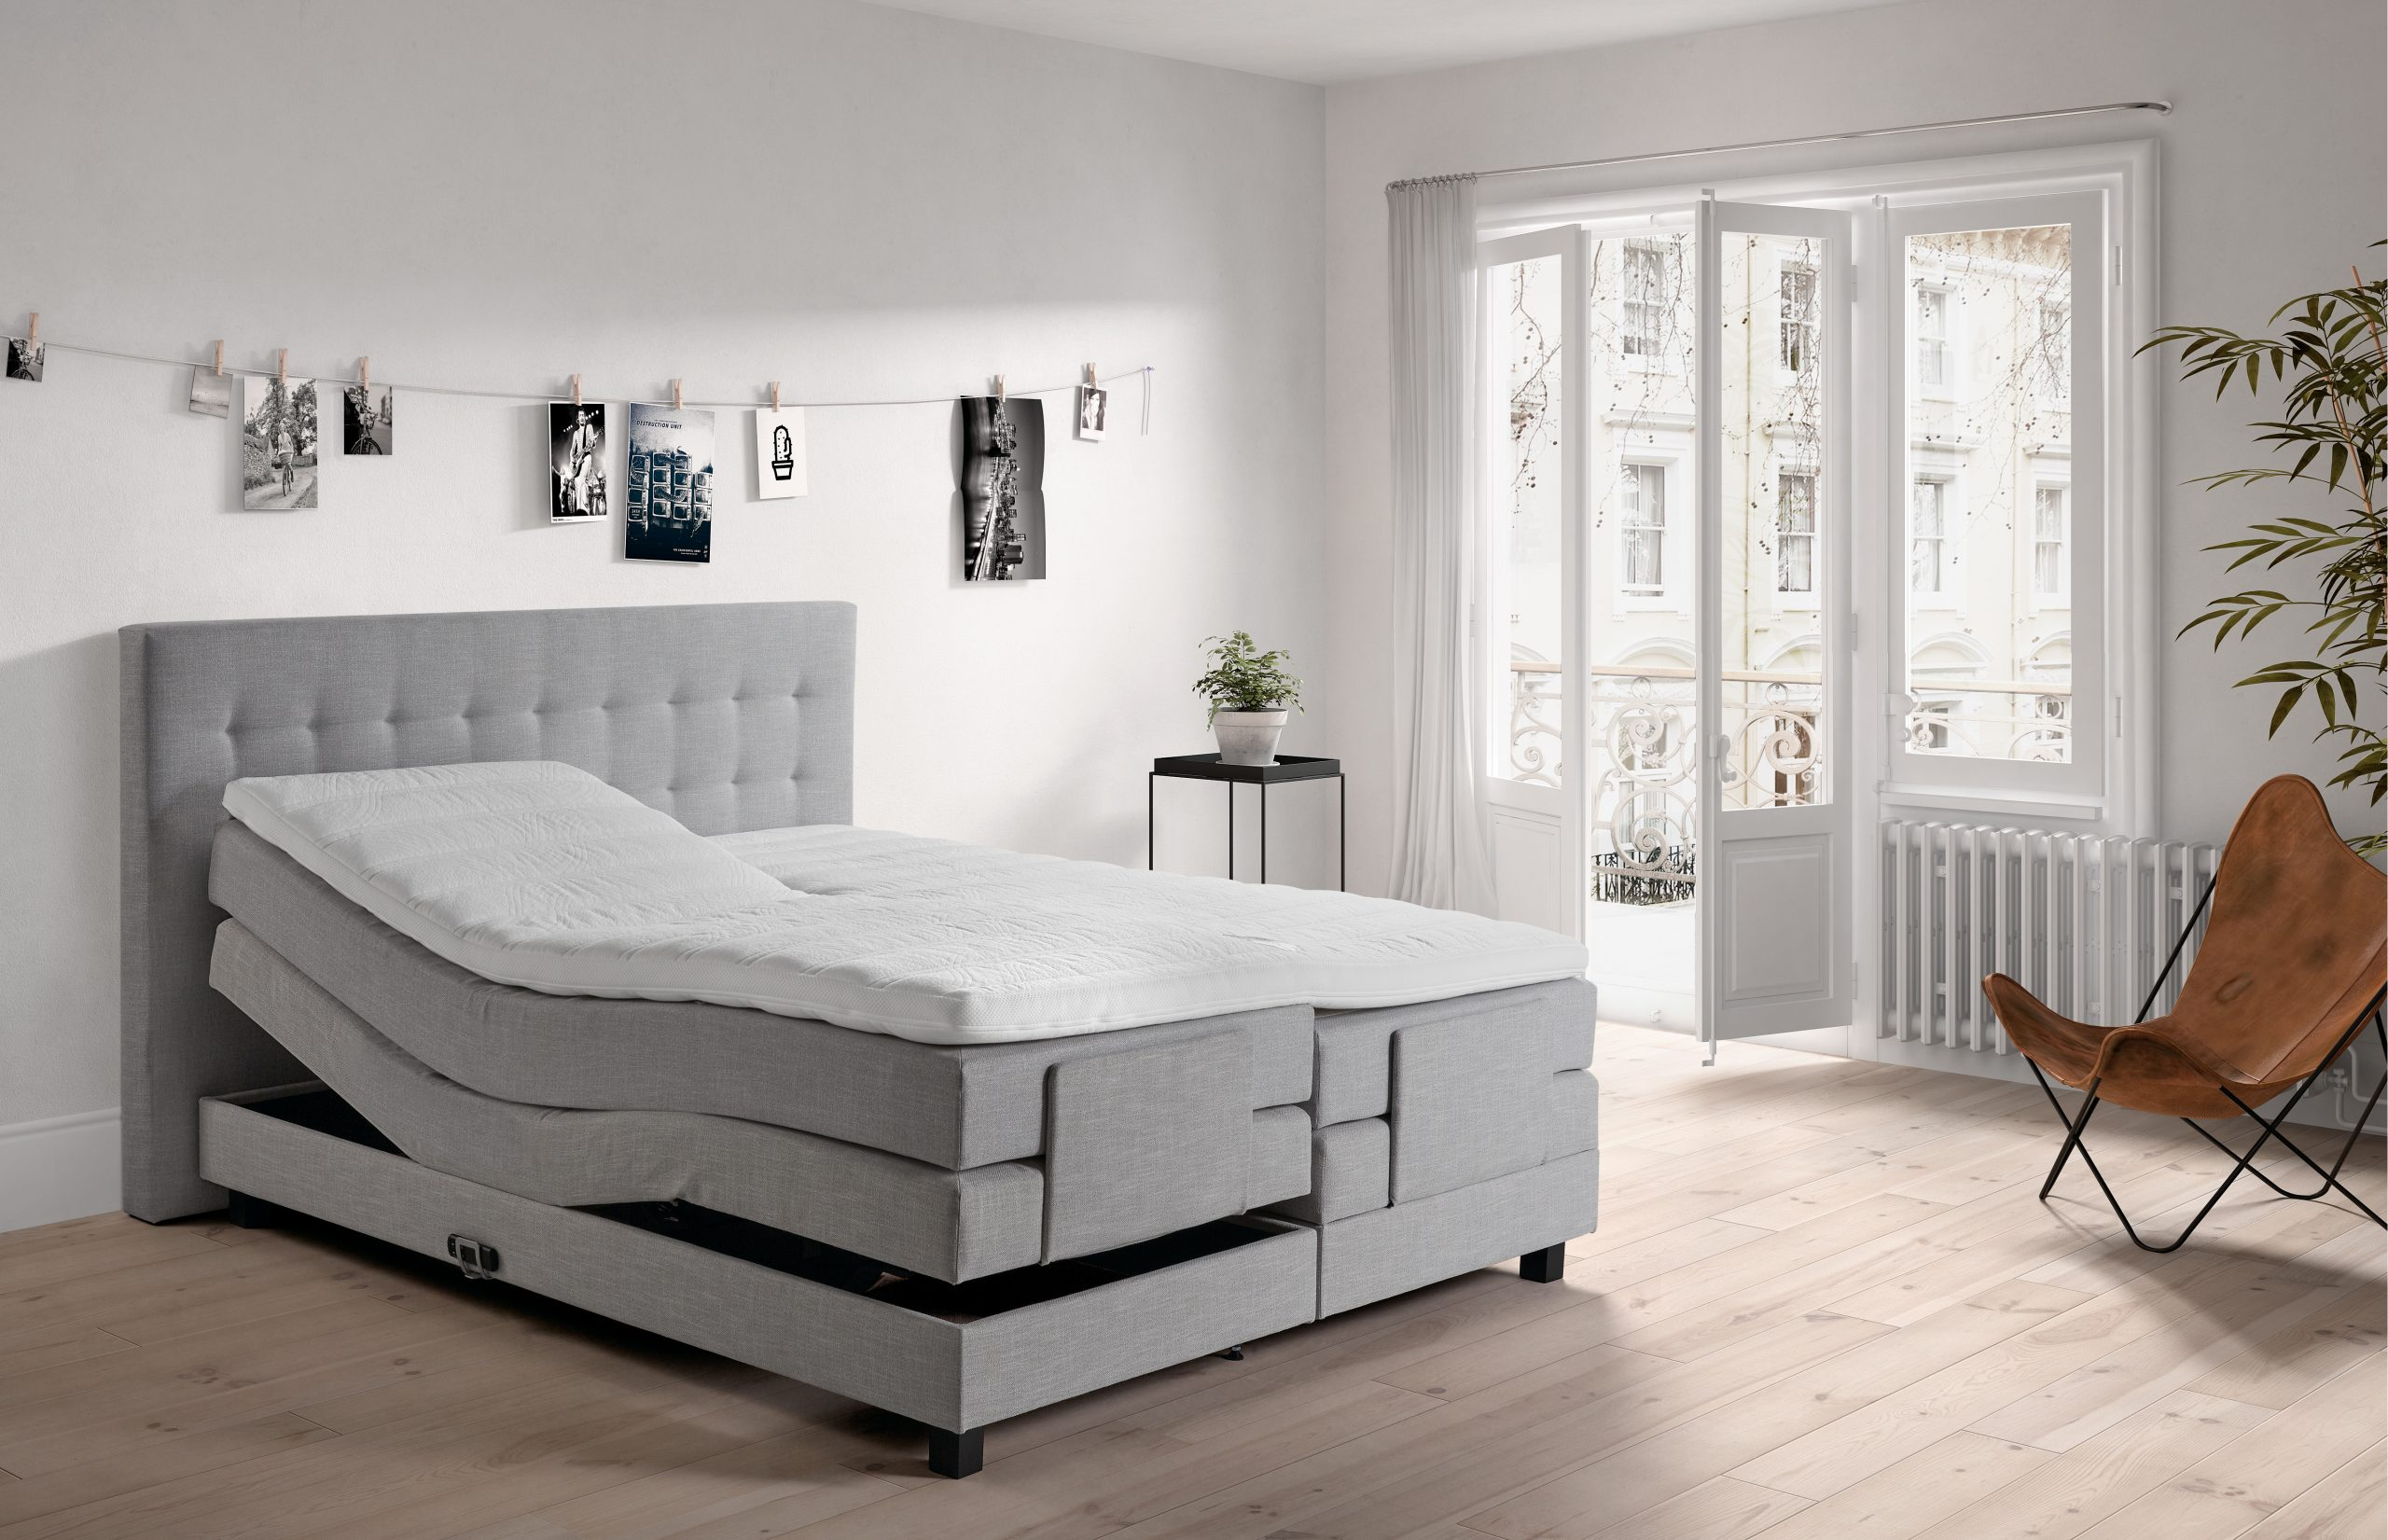 Full Size of Amerikanisches Bett King Size Kaufen Amerikanische Betten Holz Kissen Beziehen Markt Schmidtde Matratzen Bettwäsche Sprüche Billige Ottoversand Even Better Bett Amerikanisches Bett